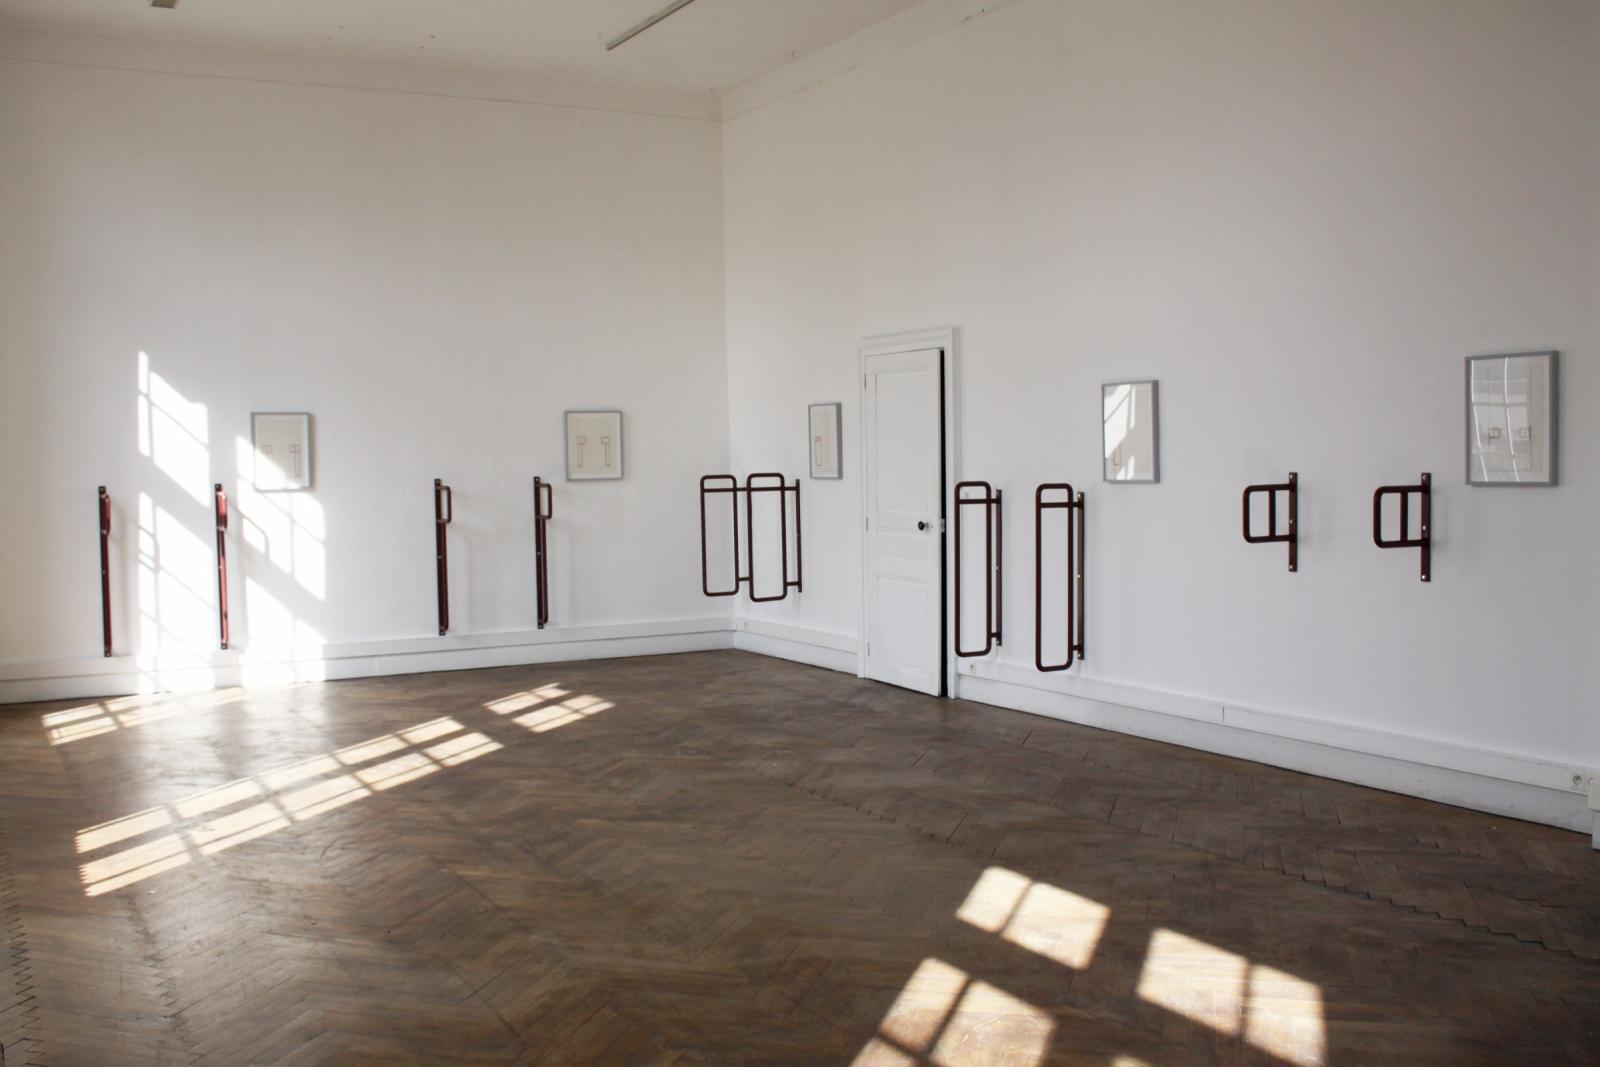 Galerie D Art Bourges la galerie d'exposition | talm - ecole supérieure d'art et